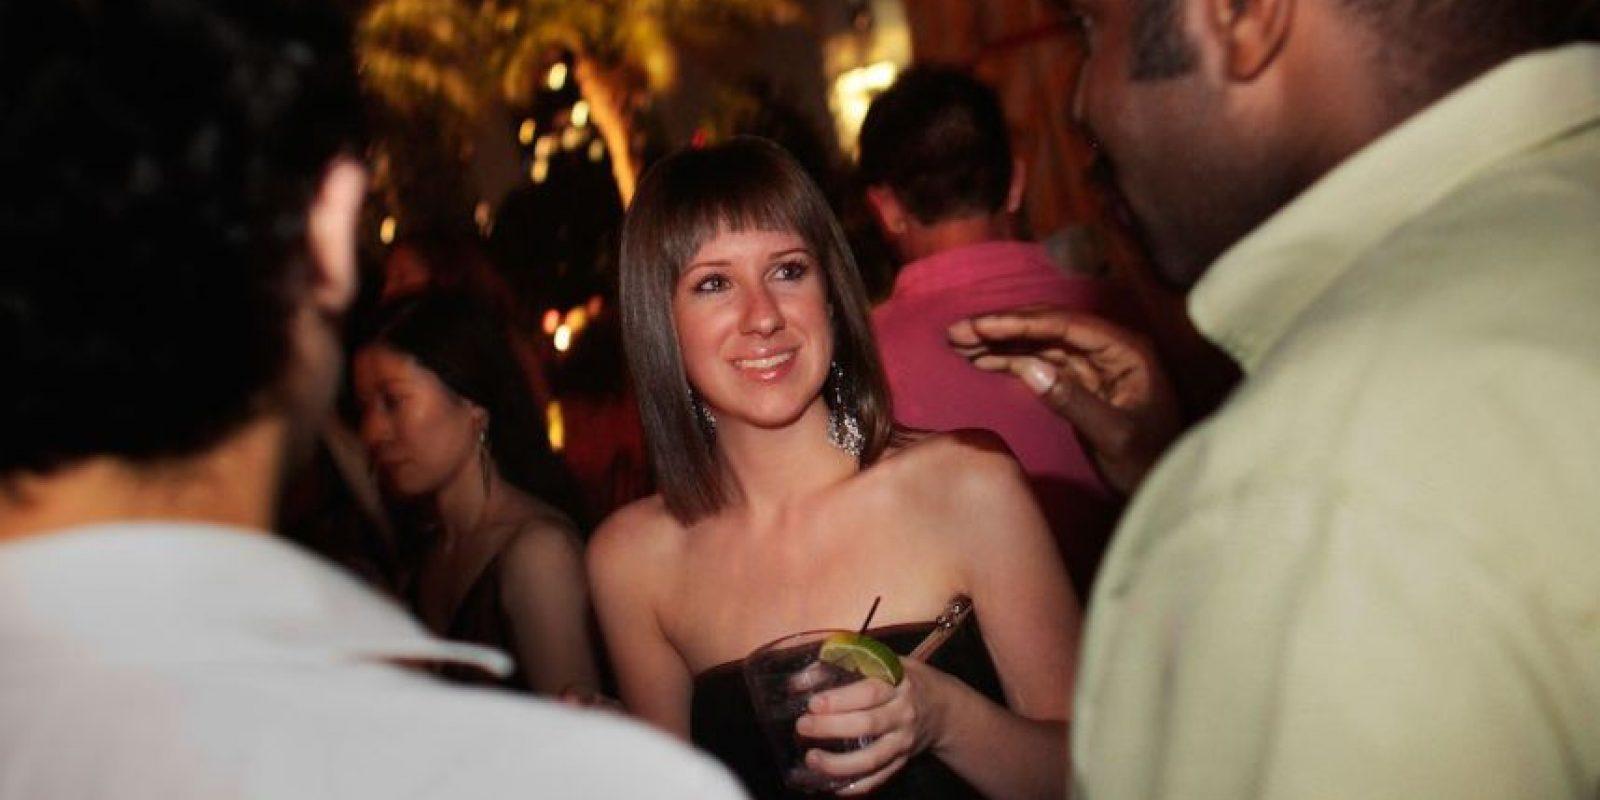 7. S debería beber con moderación… pero siendo sinceros, pasarse de copas es más común (quizá para liberar tensión) Foto:Getty Images